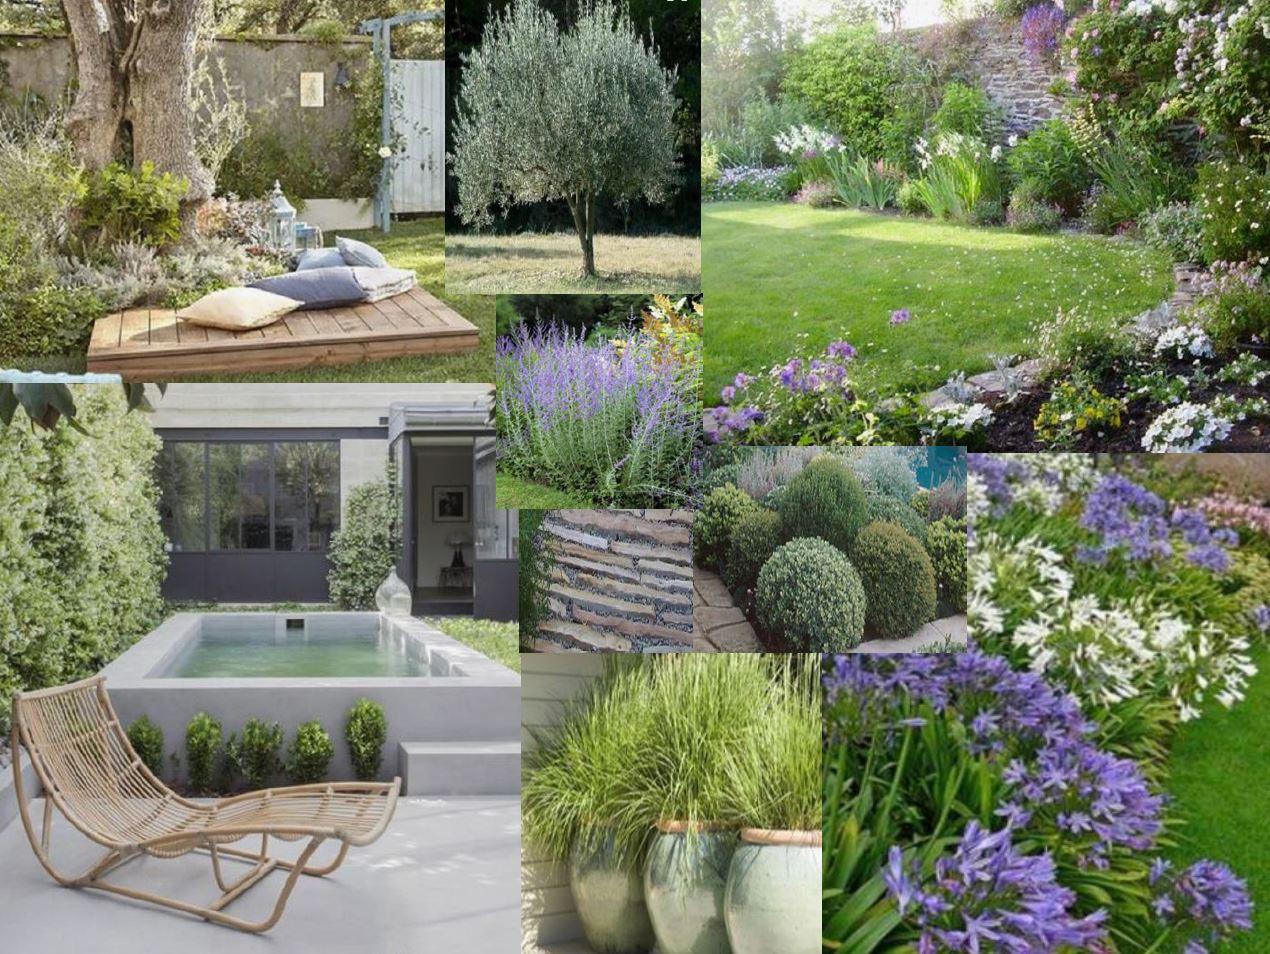 Cr ation d 39 un jardin paysager en provence mlaviedeco for Creation jardin paysager